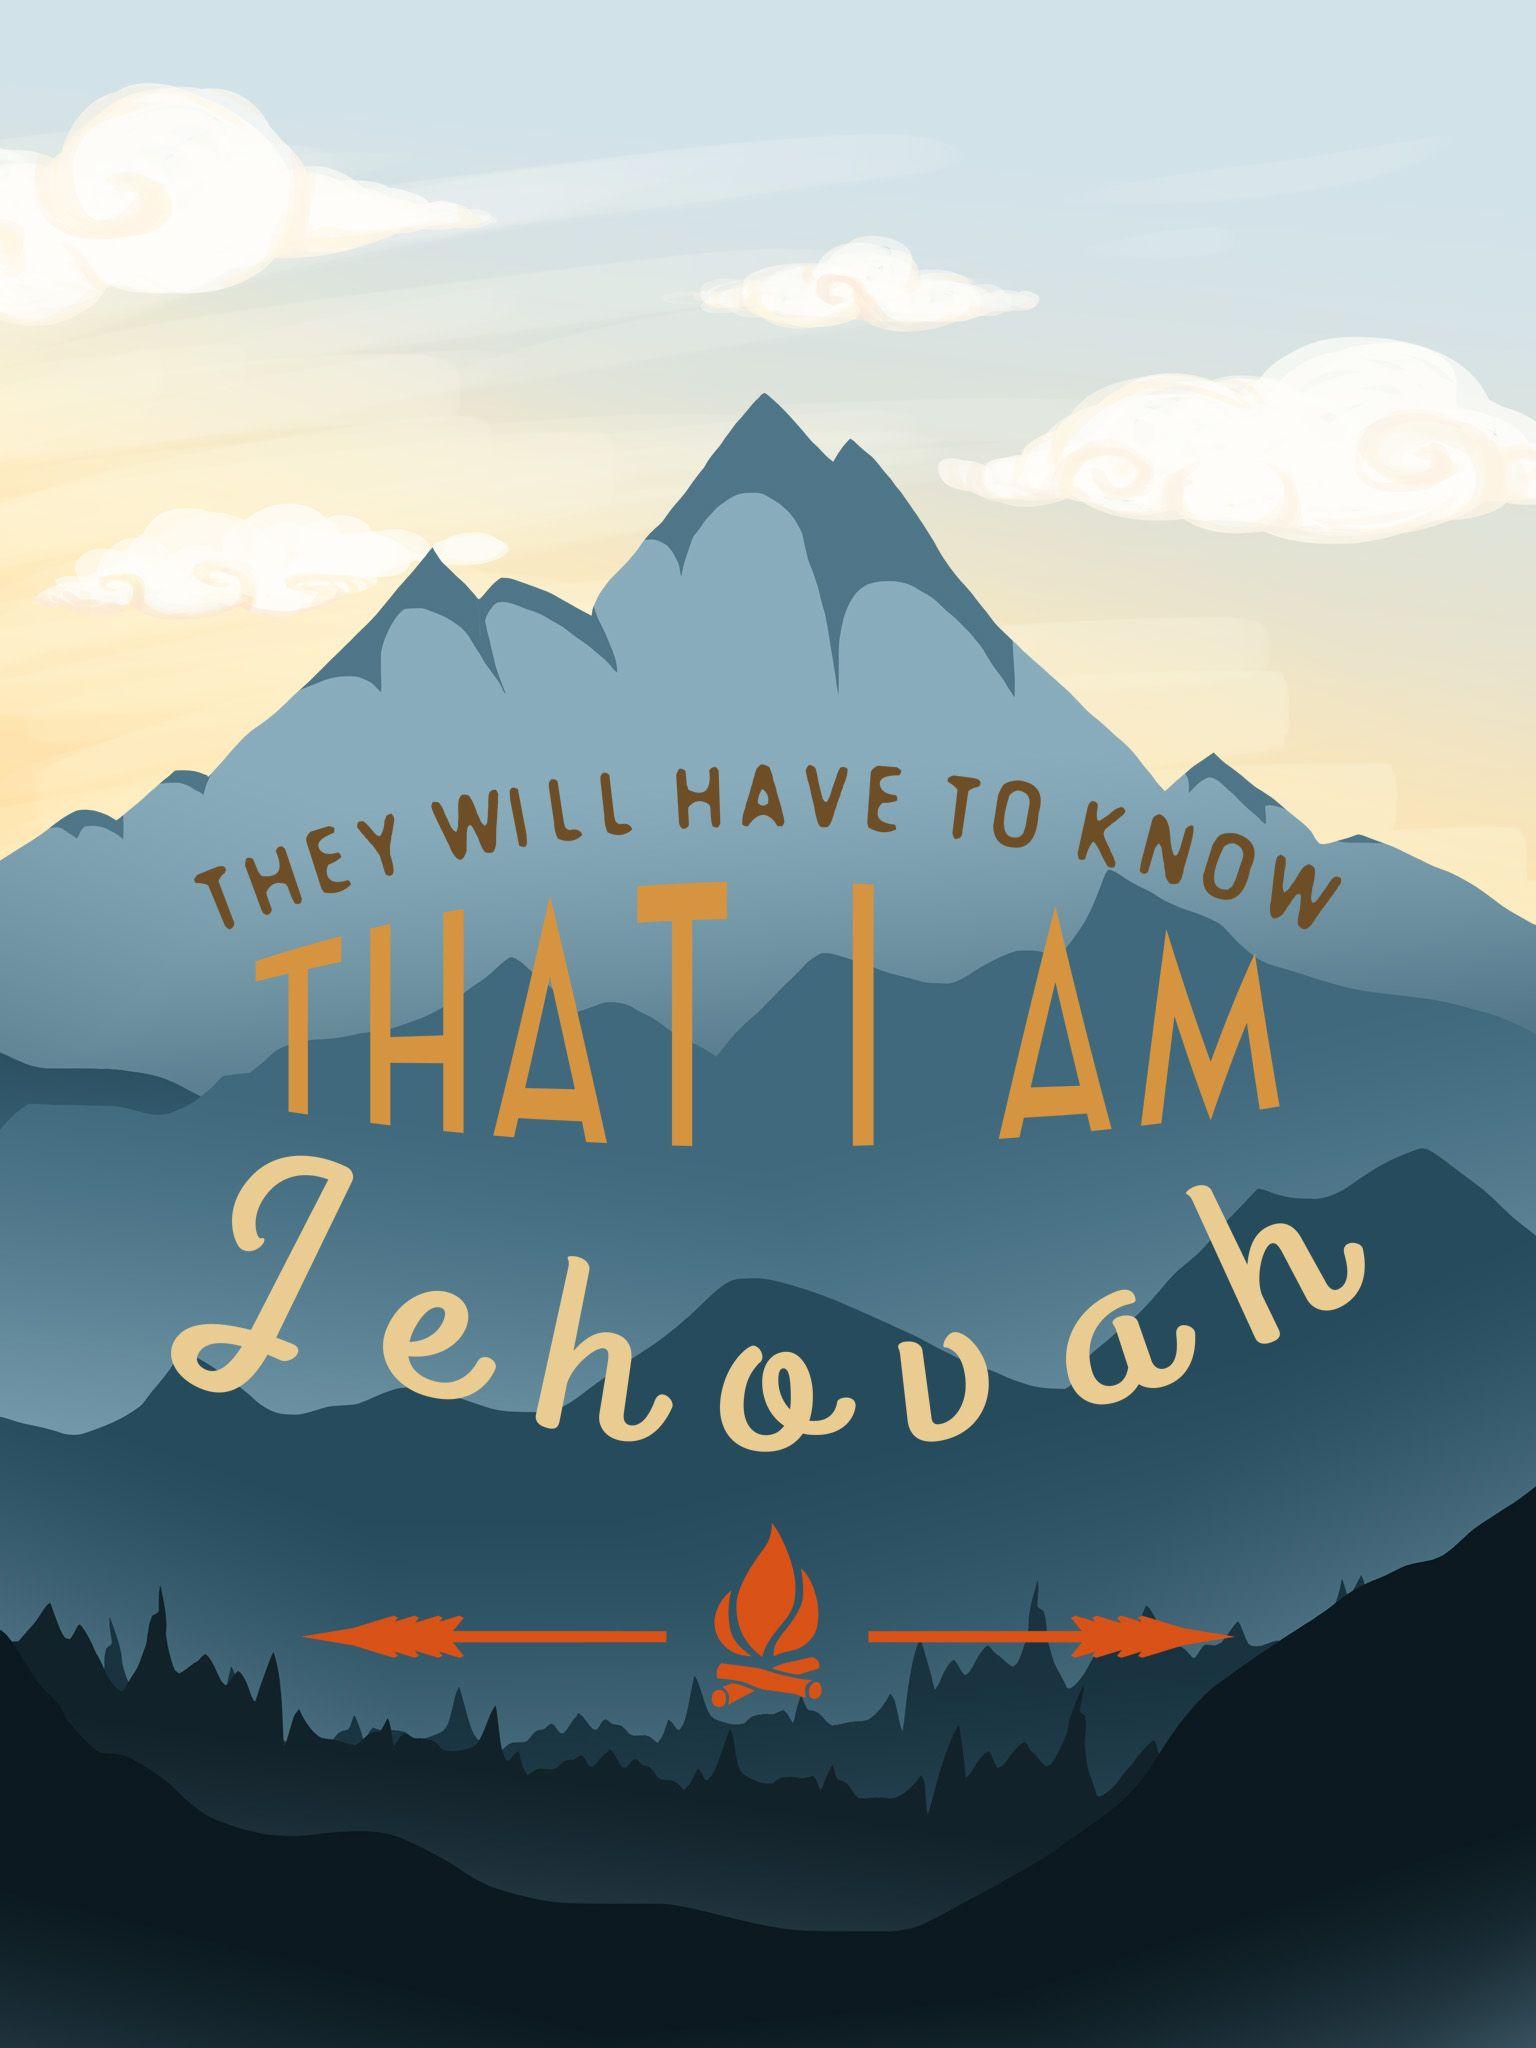 I AM JEHOVAH IPAD MINI WALLPAPER Jehovahs witnesses Best 1536x2048